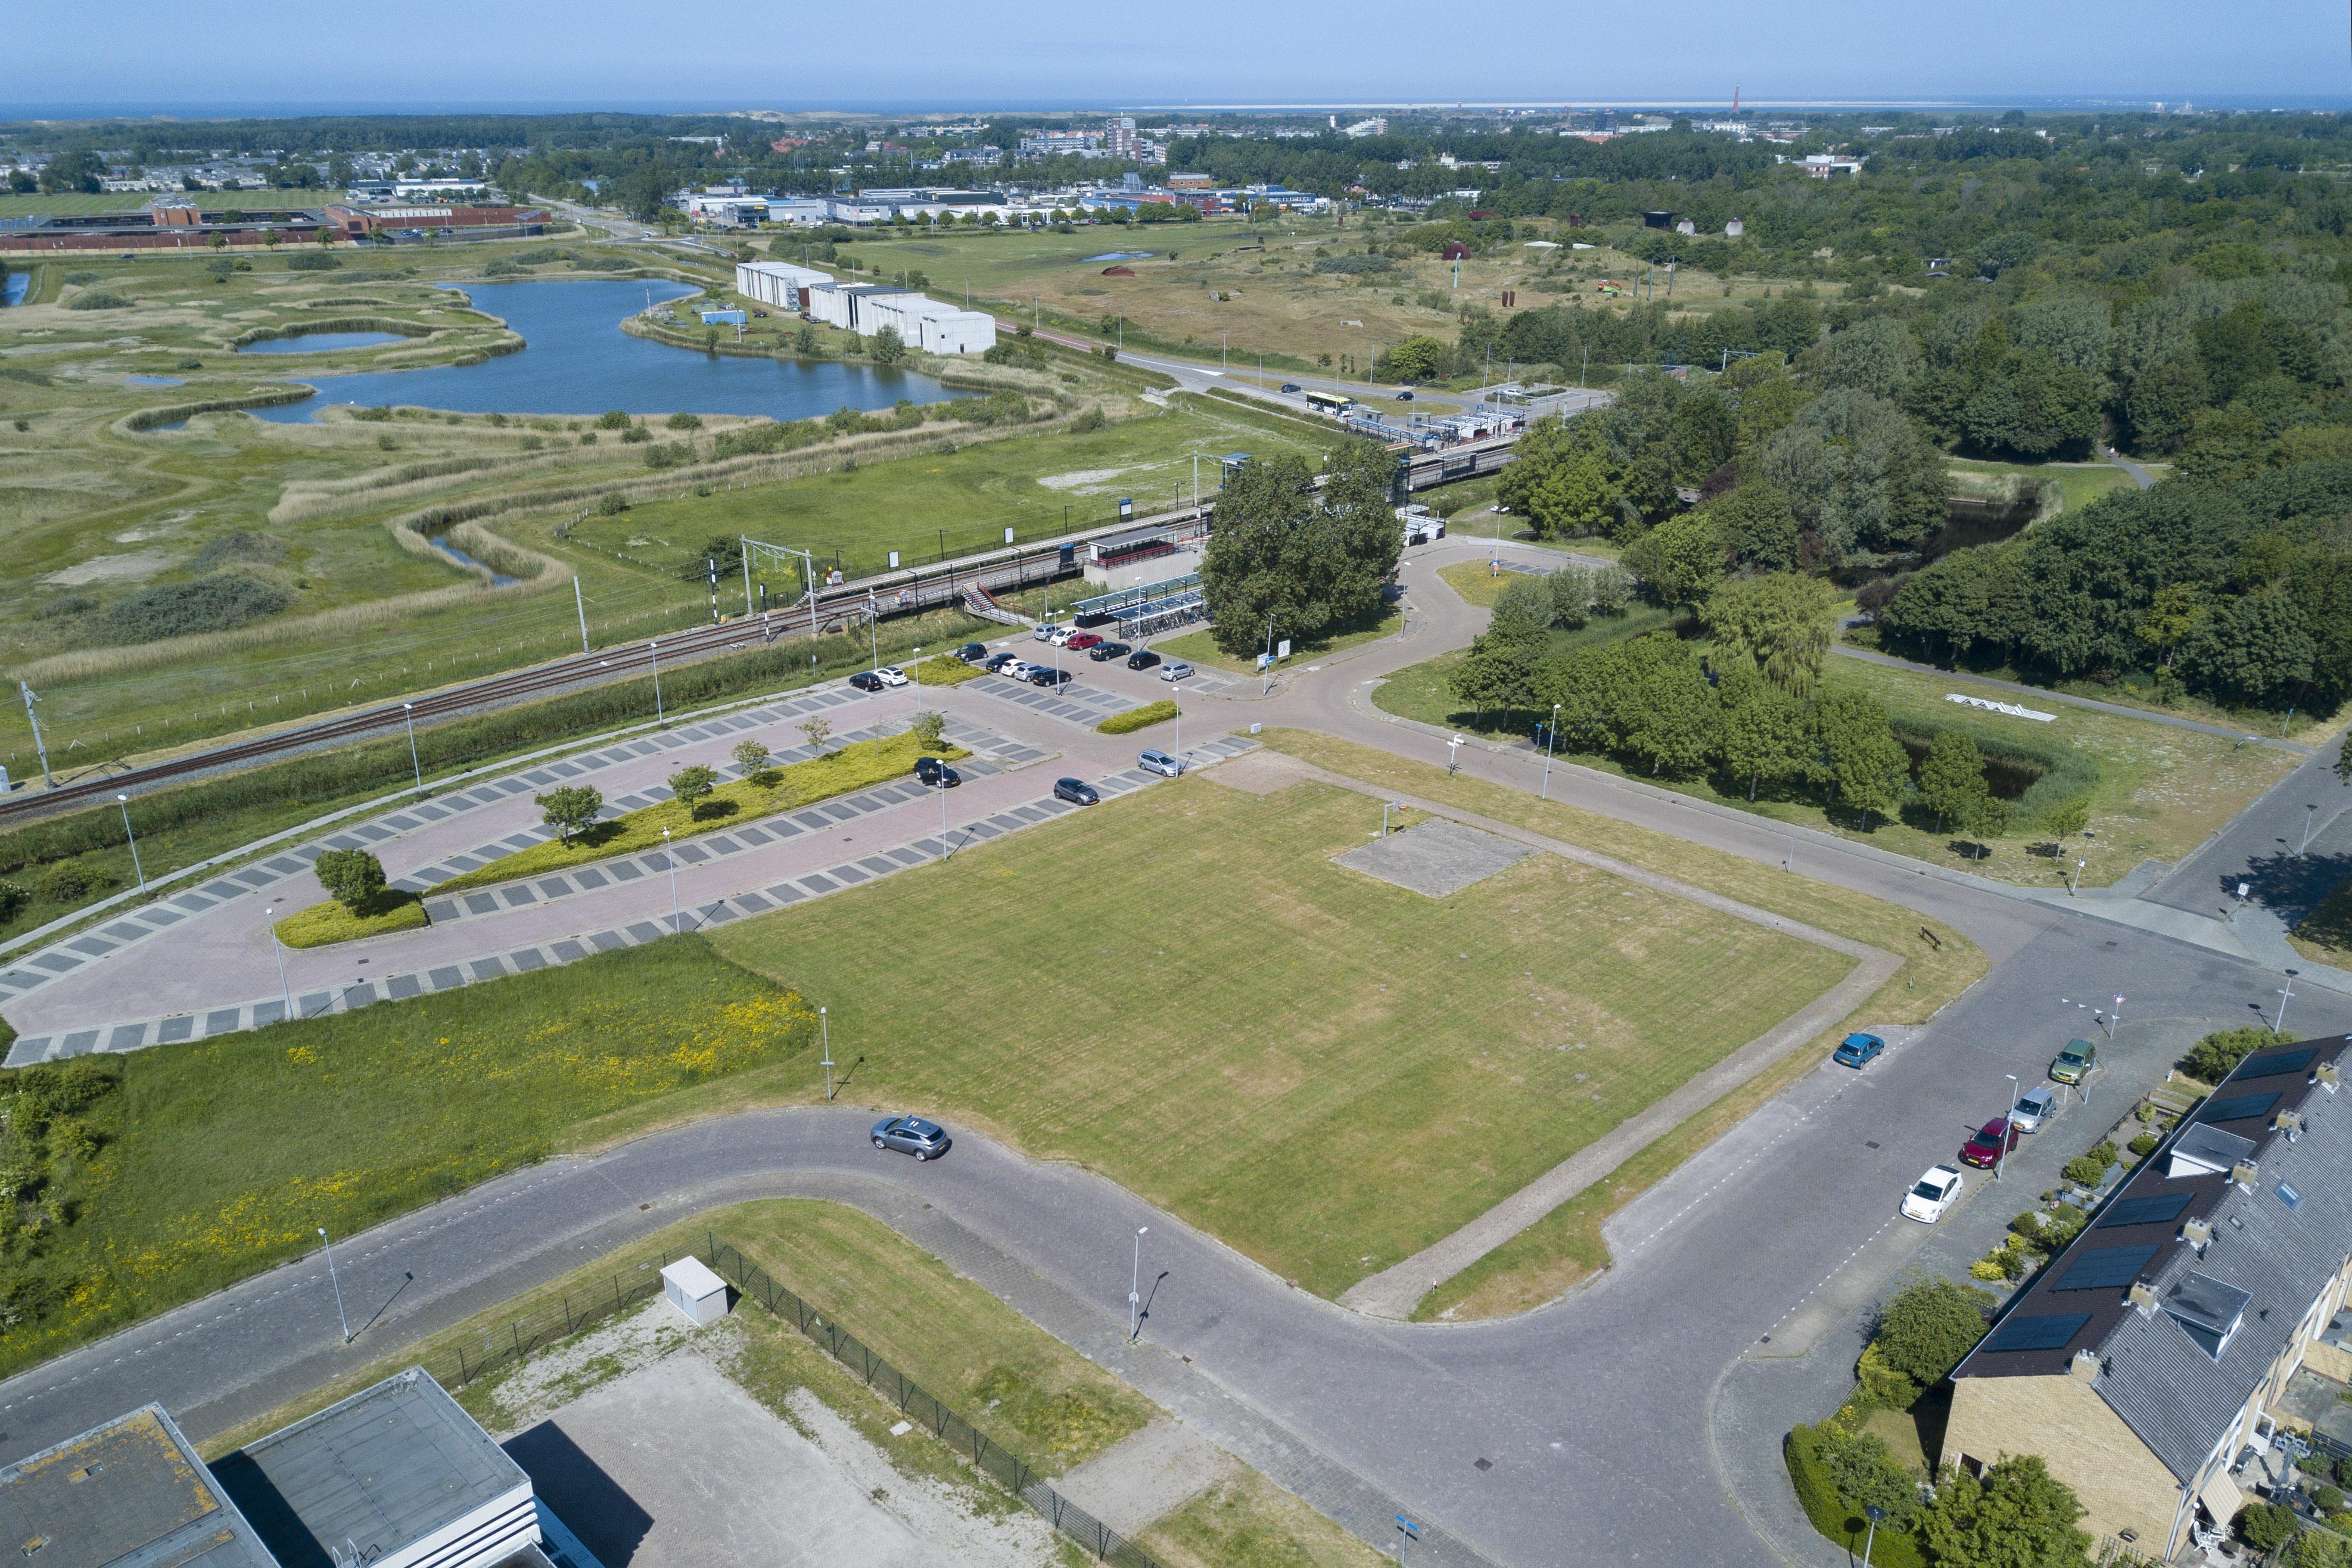 Ambitieuze nieuwbouwplannen voor Den Helder: van wonen bij Station Zuid tot dijkwoningen en villa's in Tillenhof